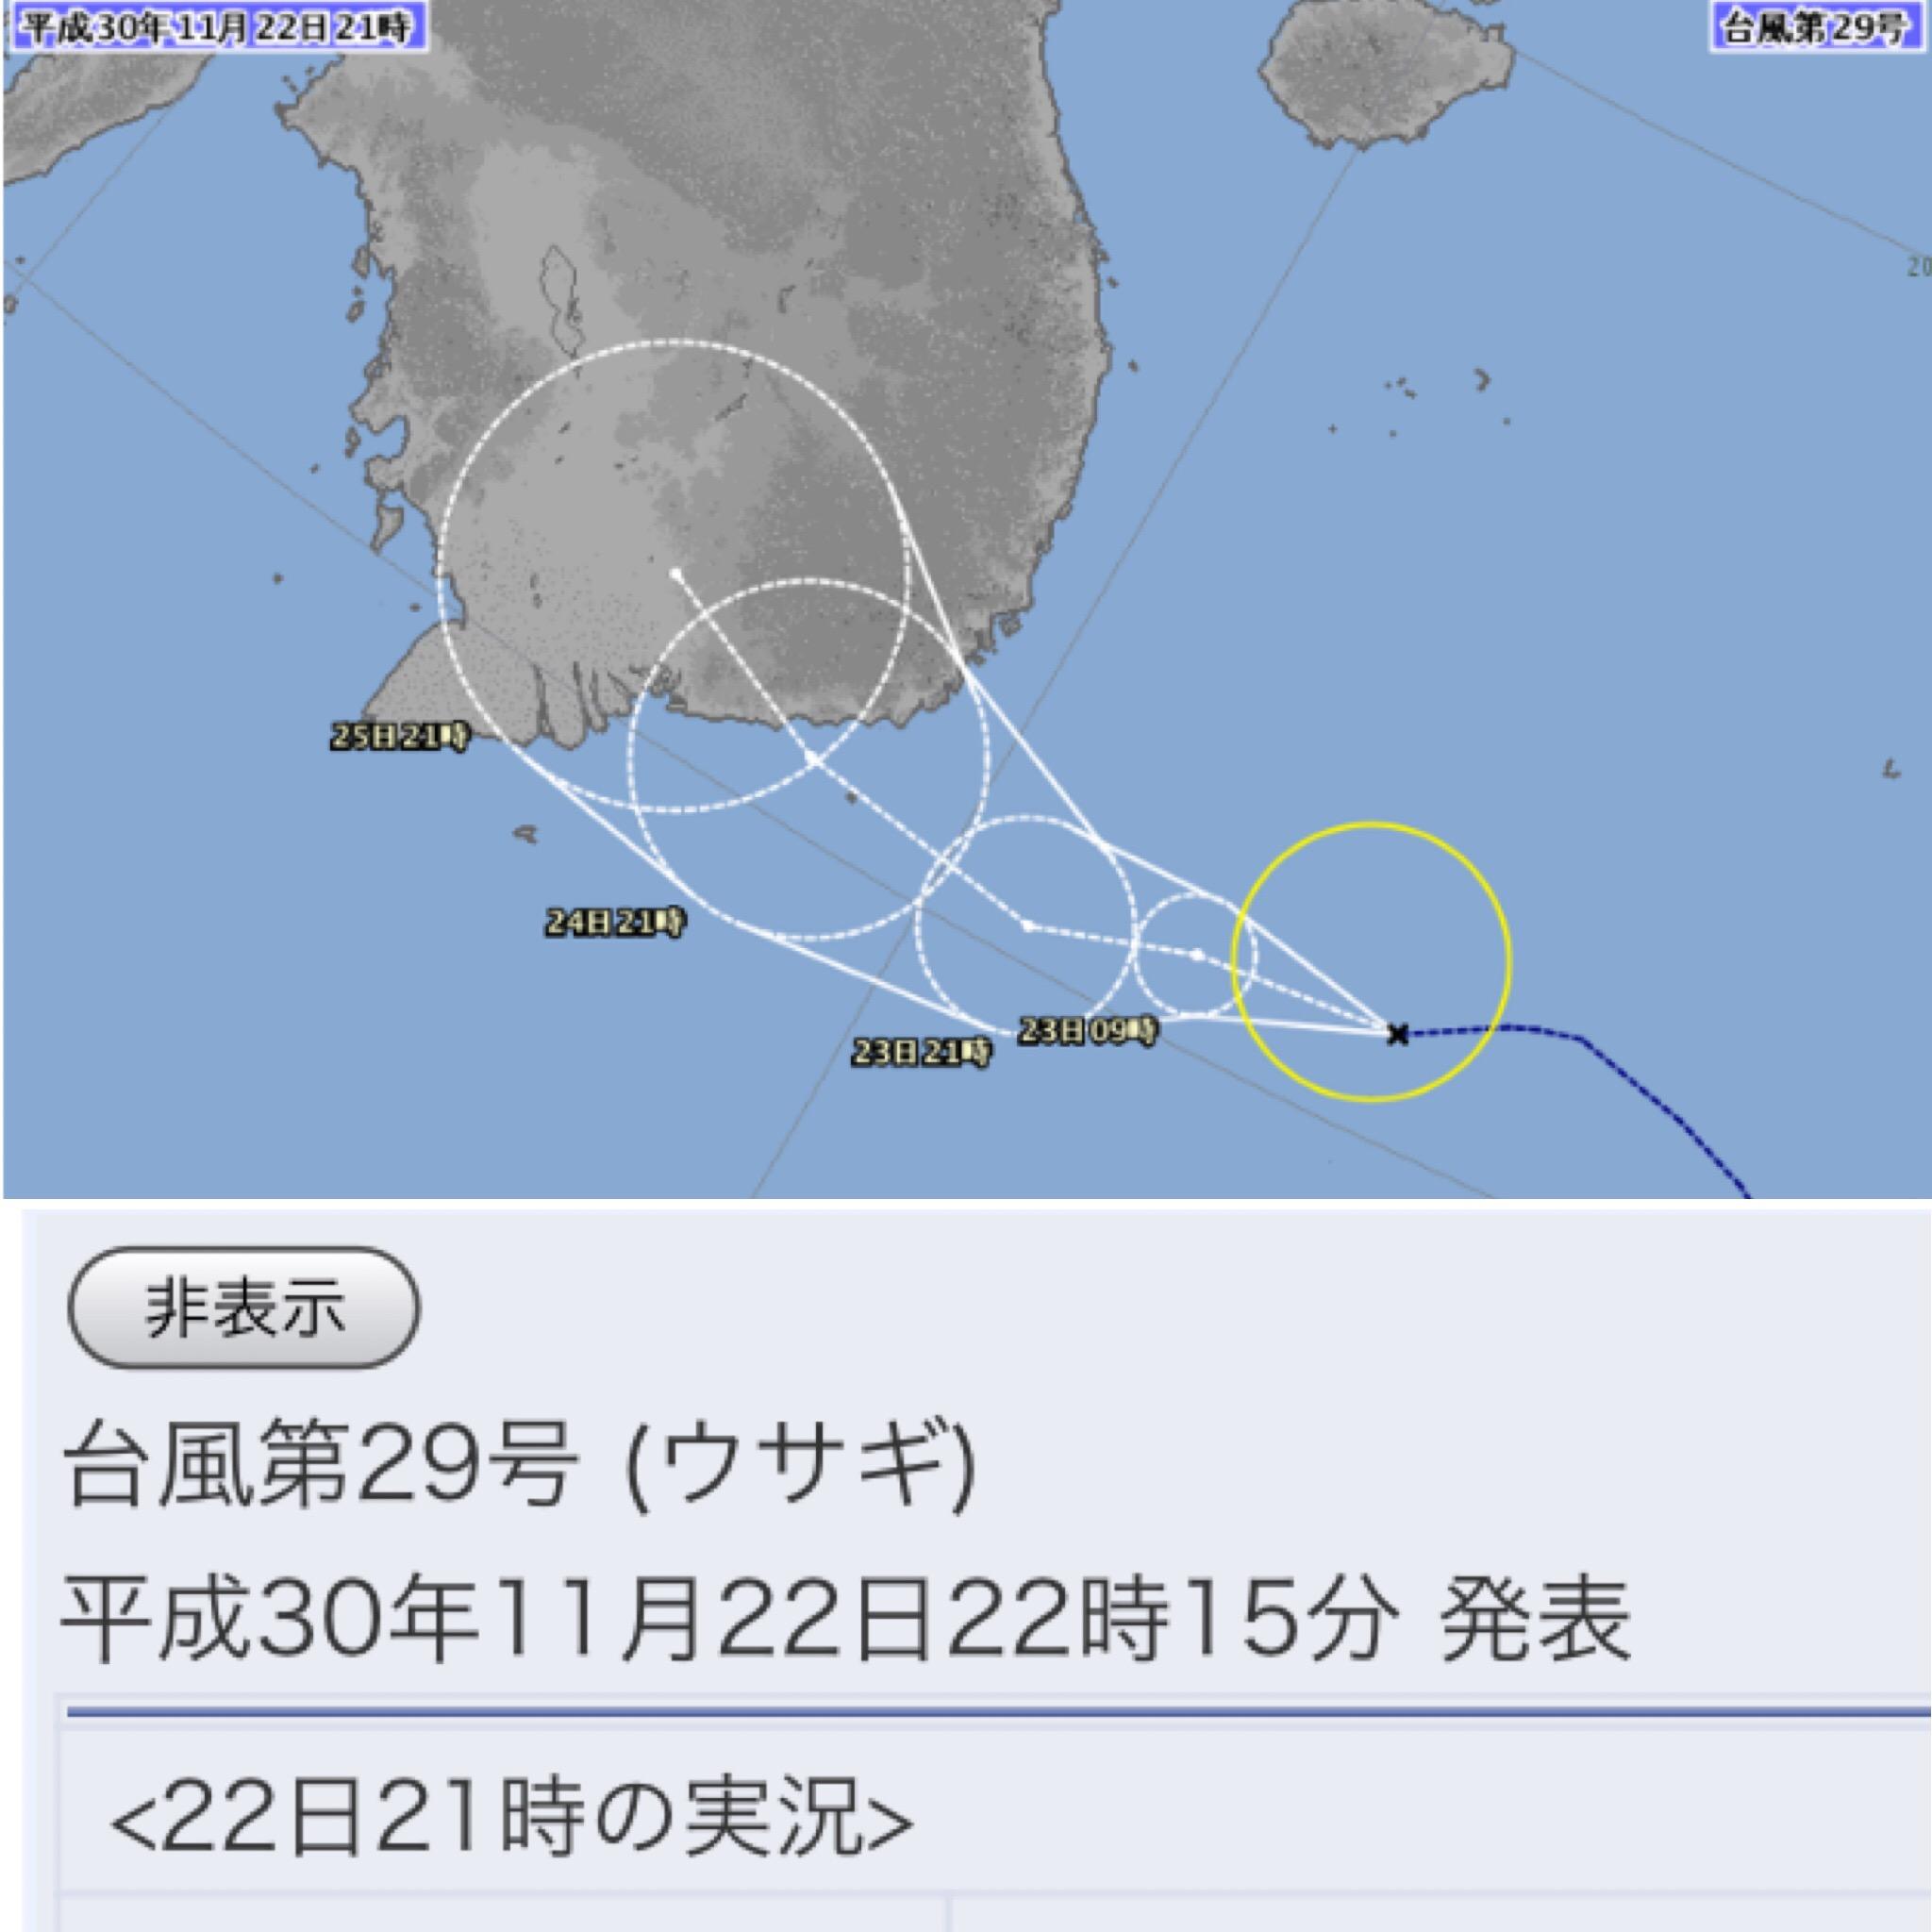 台風第29号 (ウサギ)